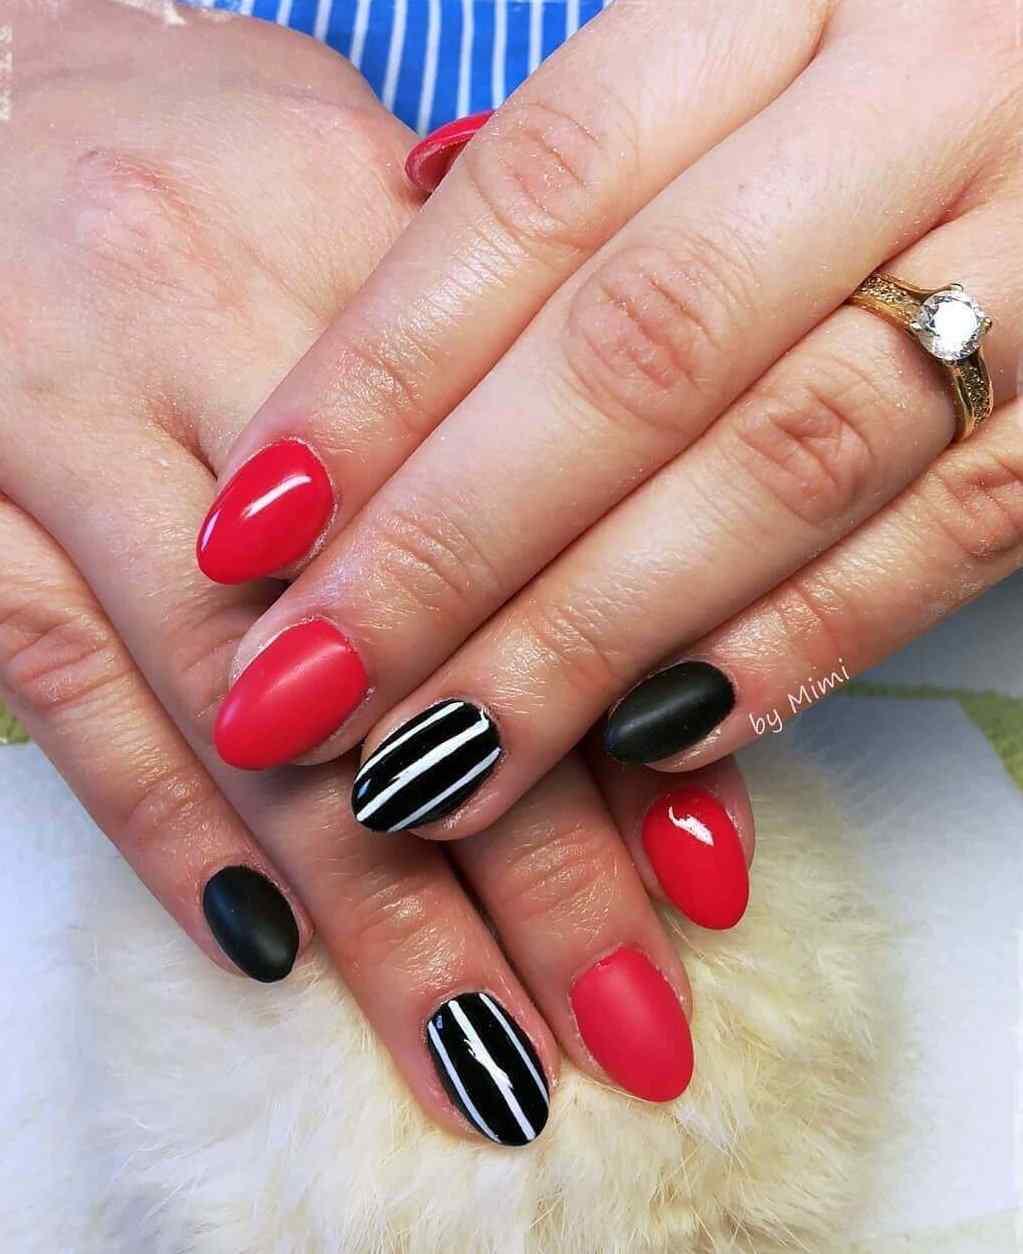 Lineas blancas, base negra, uñas rojas